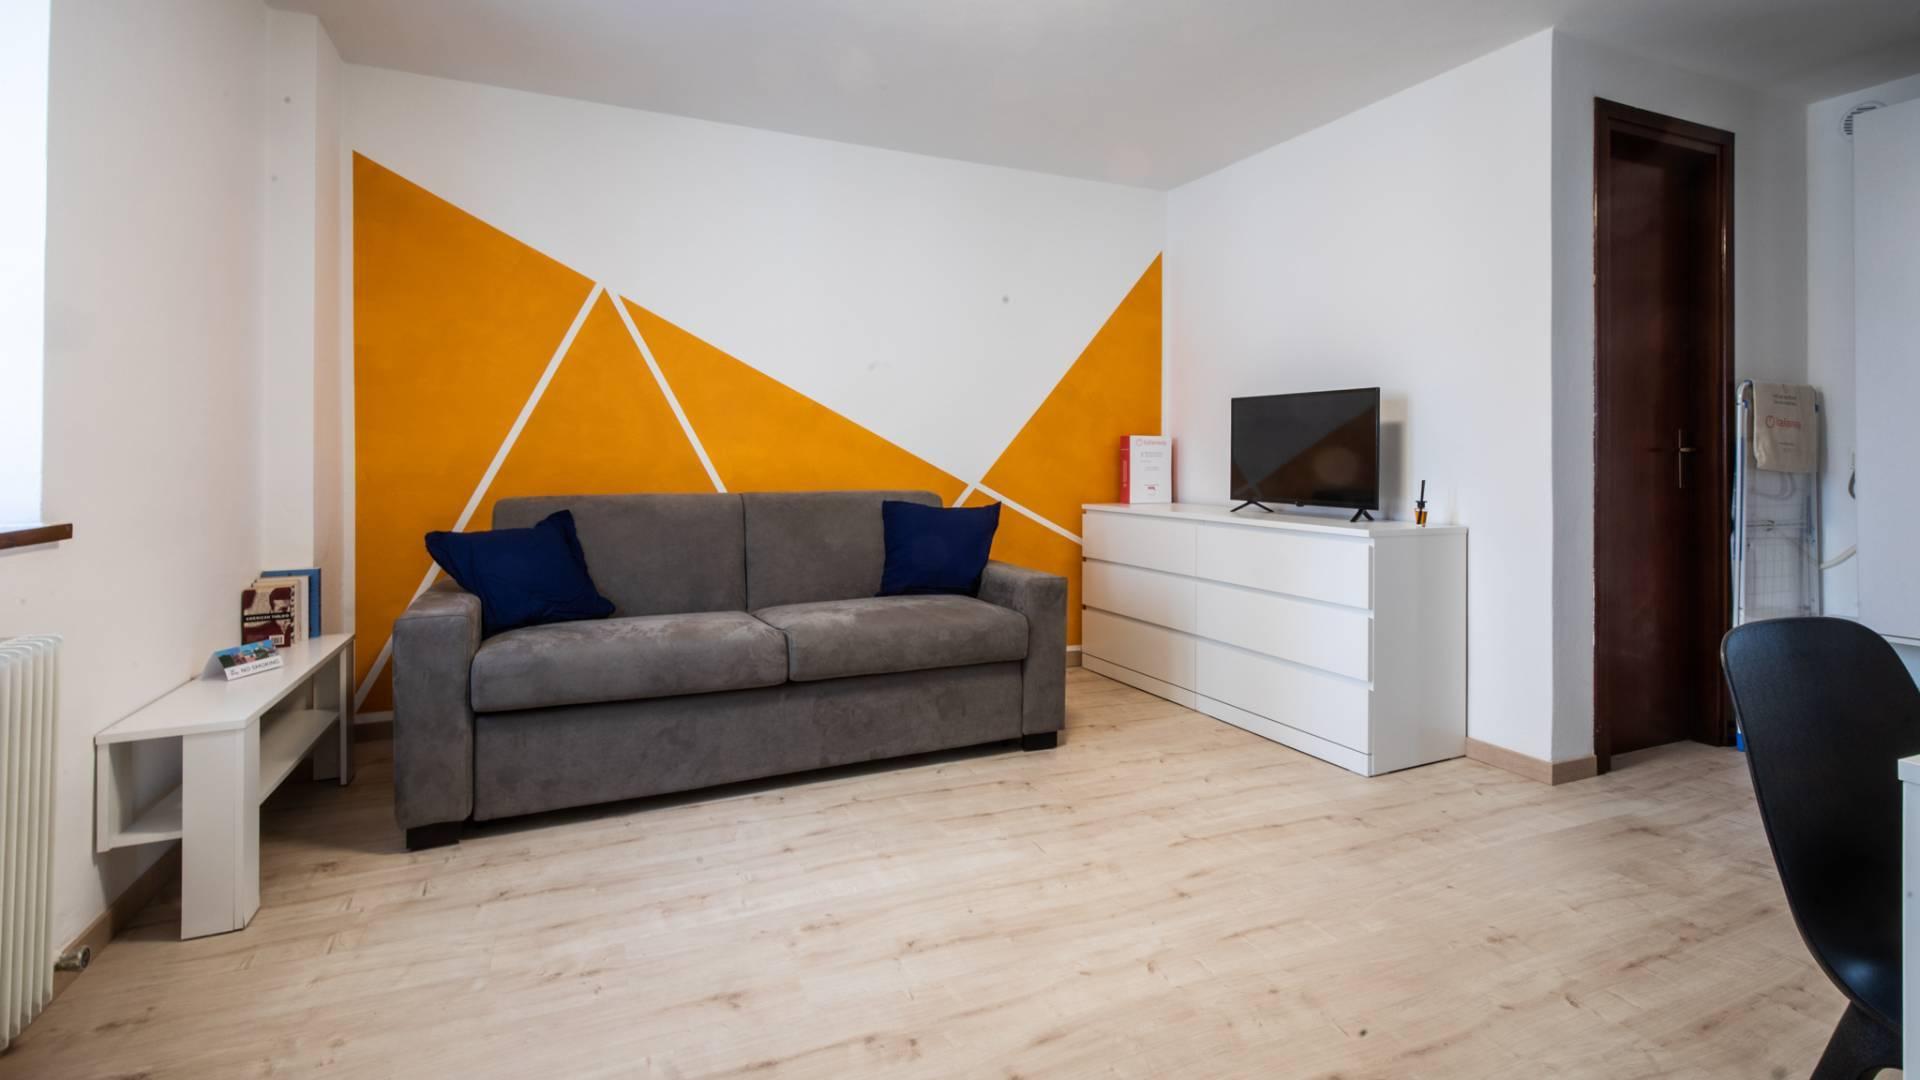 Appartamento in affitto a Udine, 1 locali, zona Località: Centrostorico, Trattative riservate   CambioCasa.it